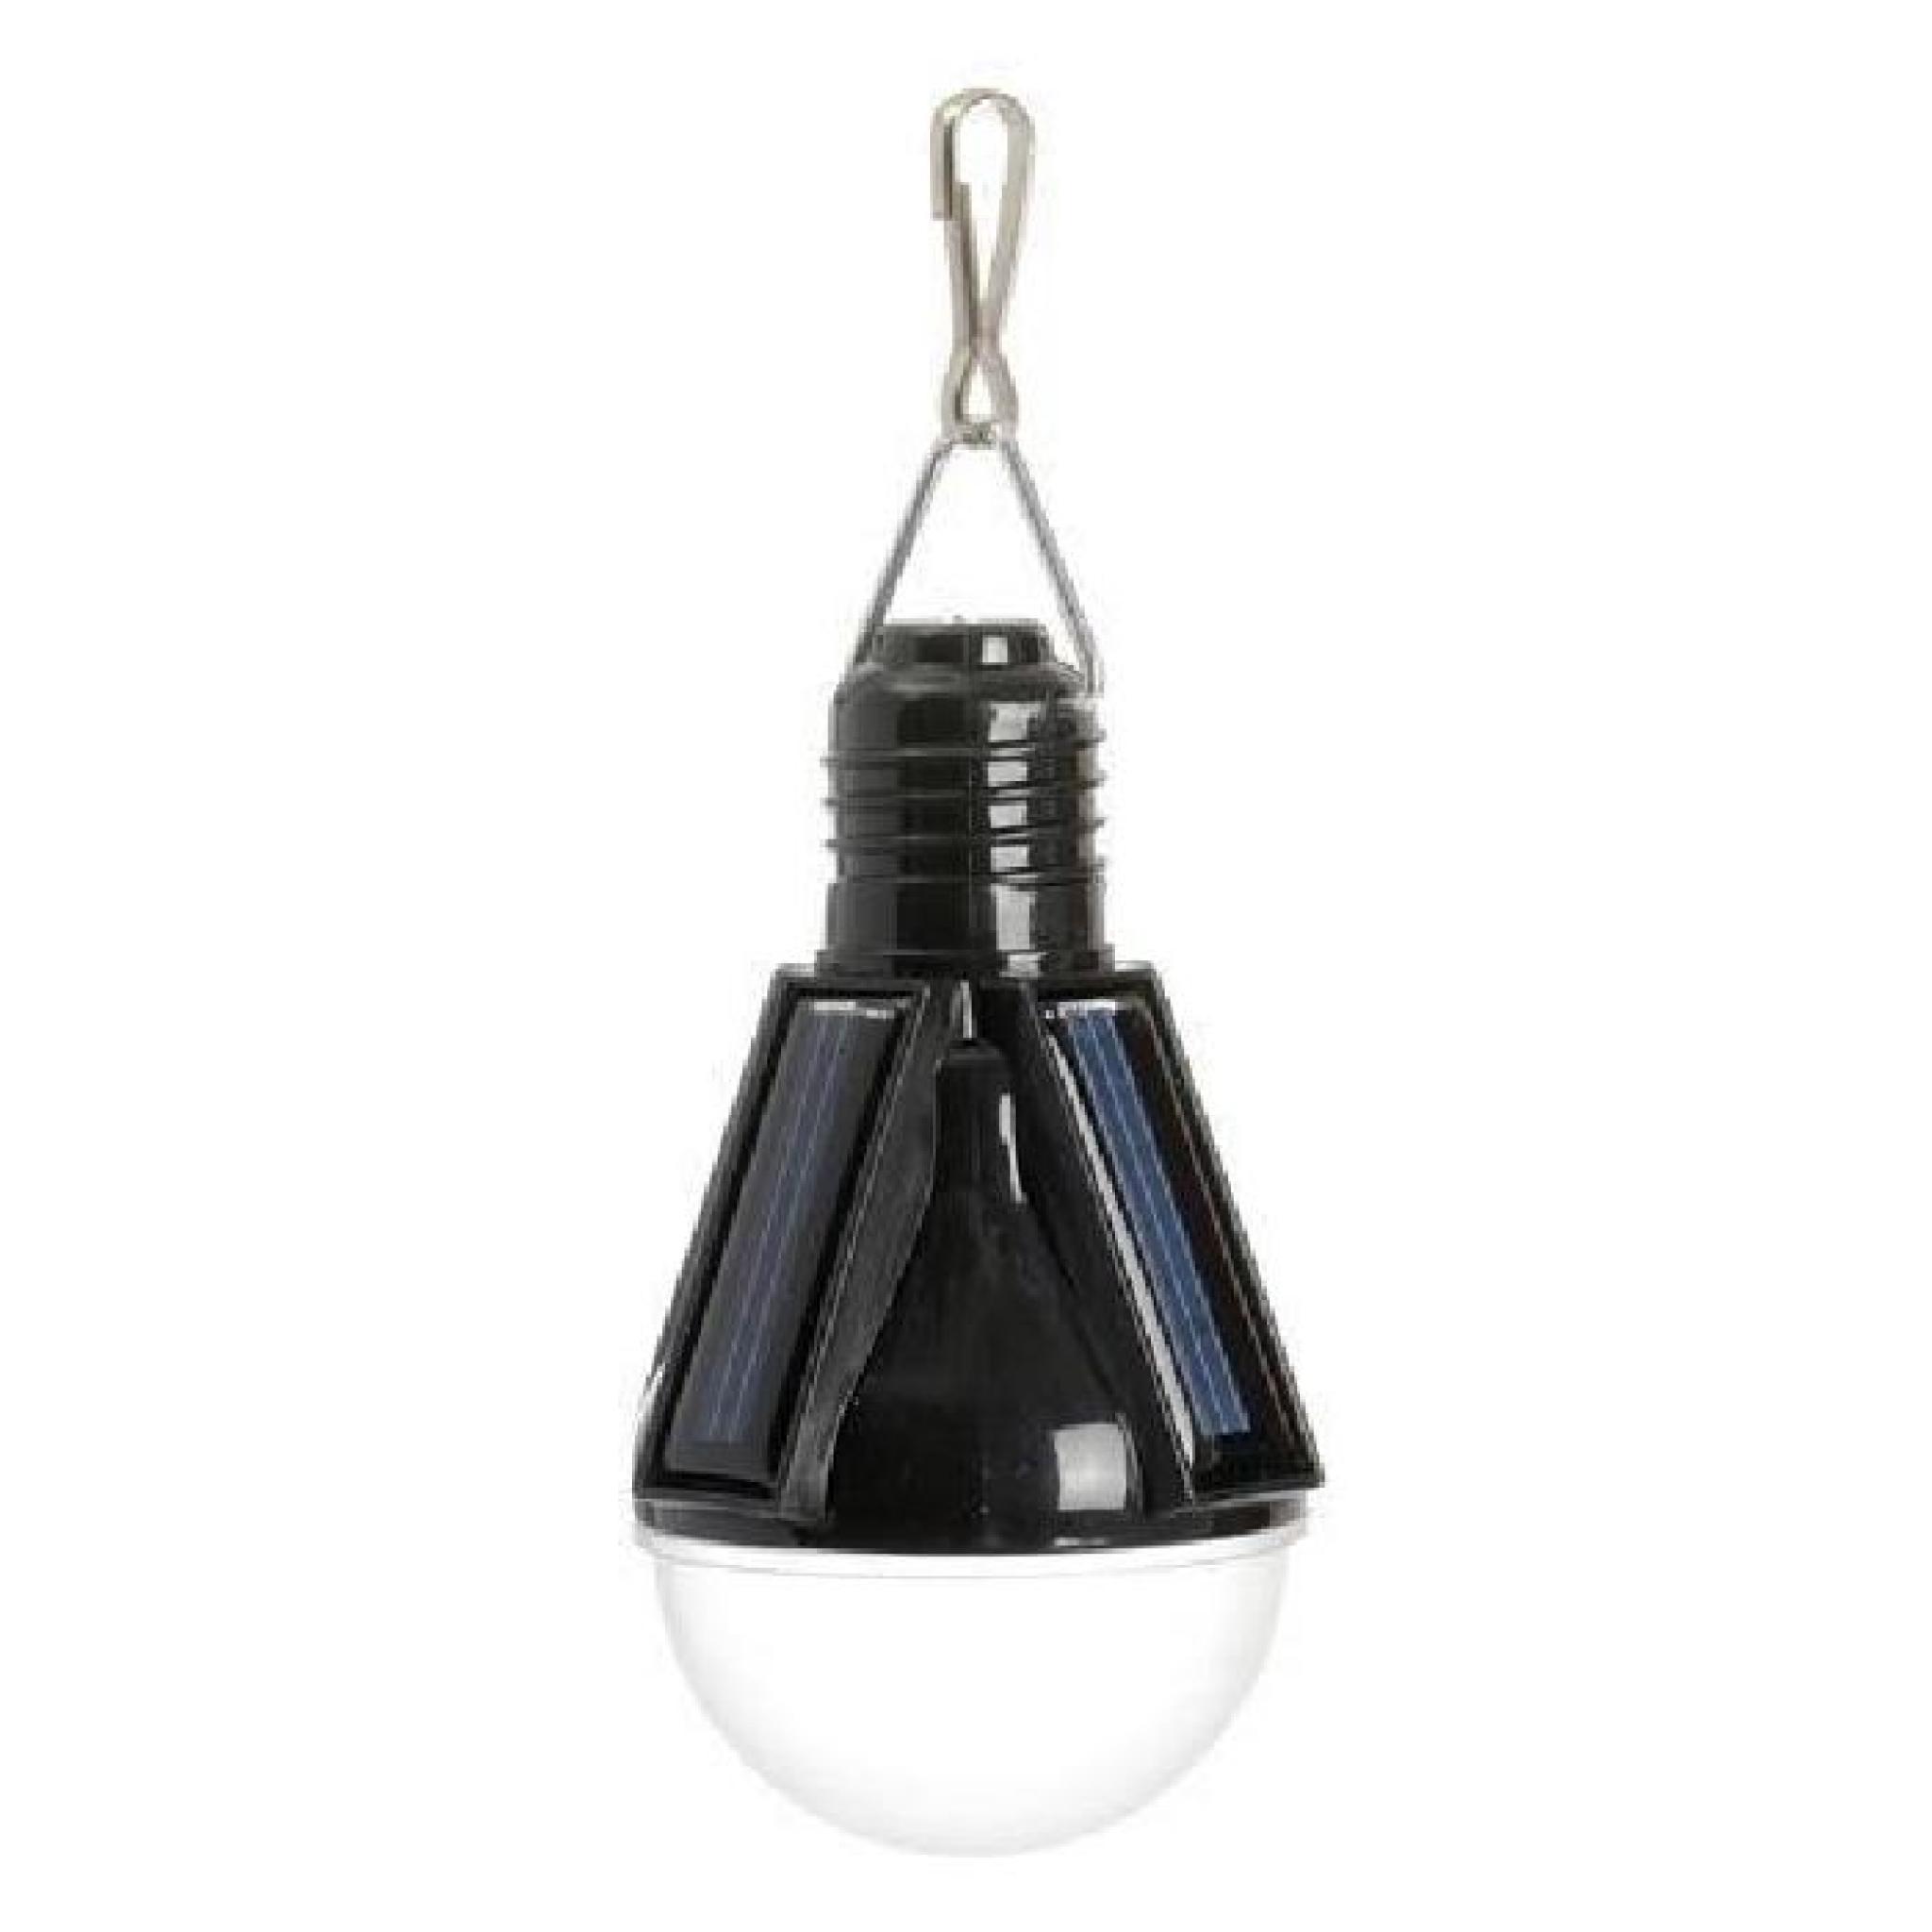 Lampe solaire suspendre ampoule rouge achat vente for Lampe a suspendre